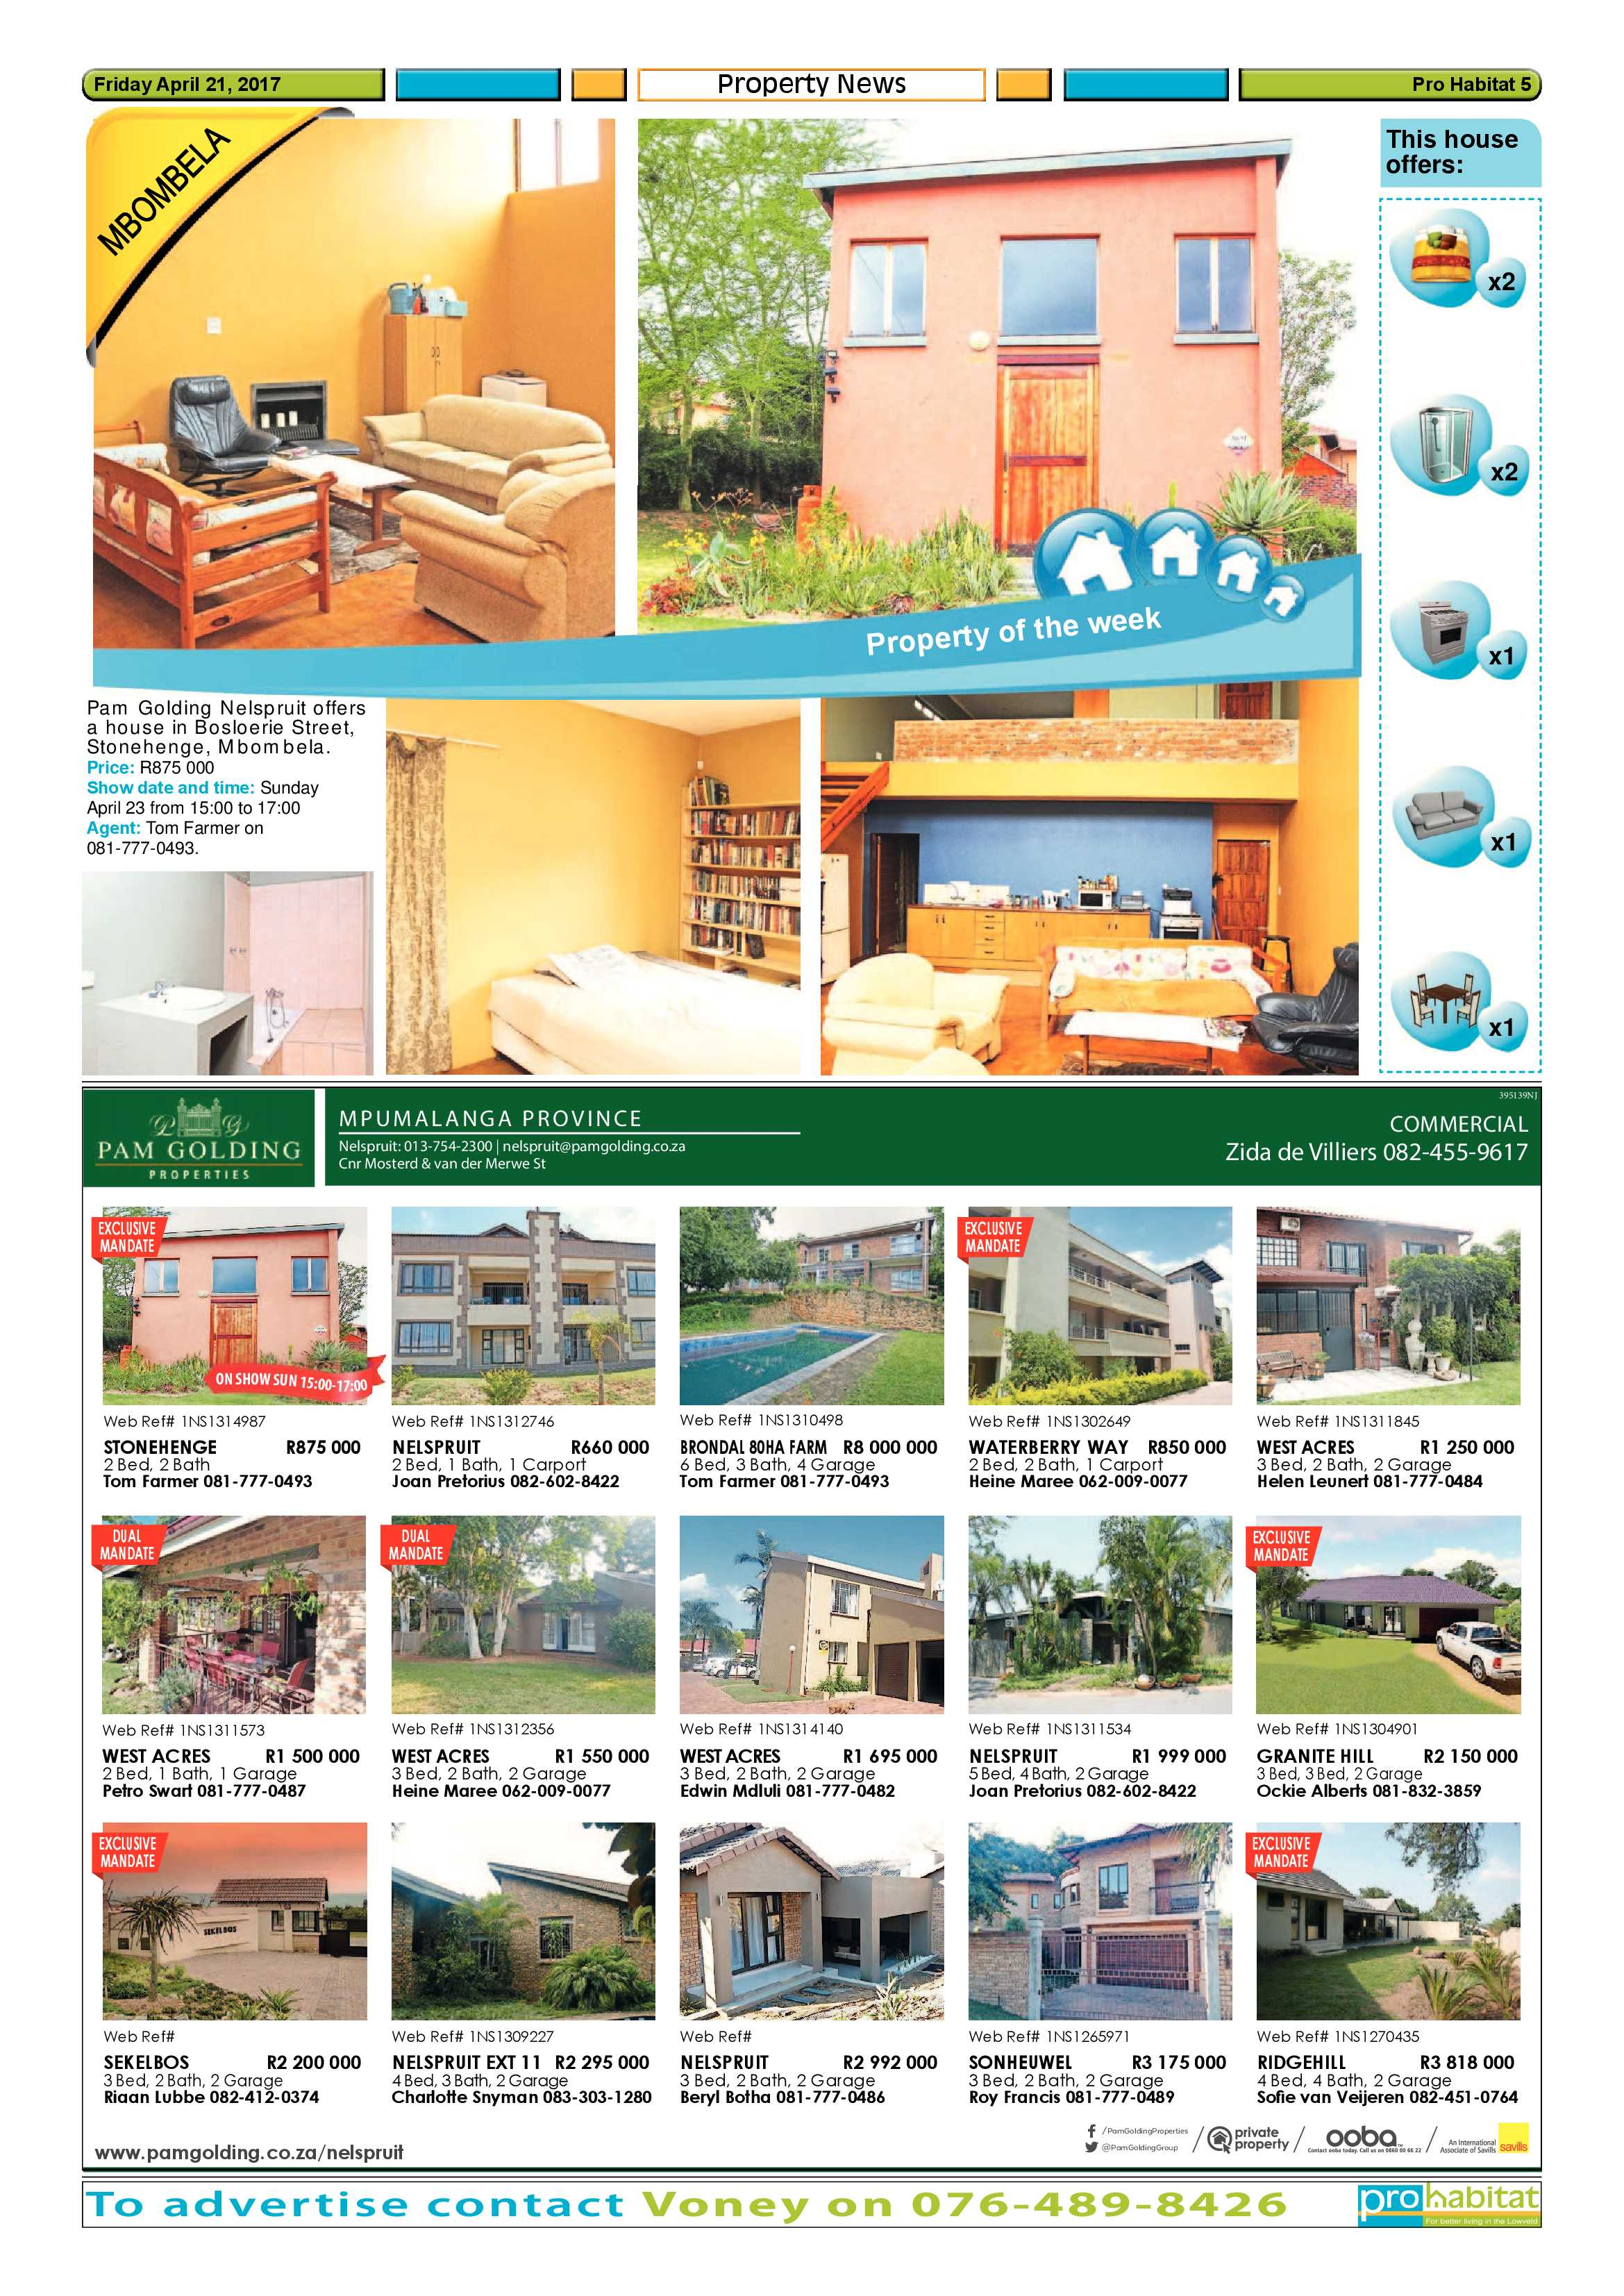 prohabitat-21-april-2017-epapers-page-5